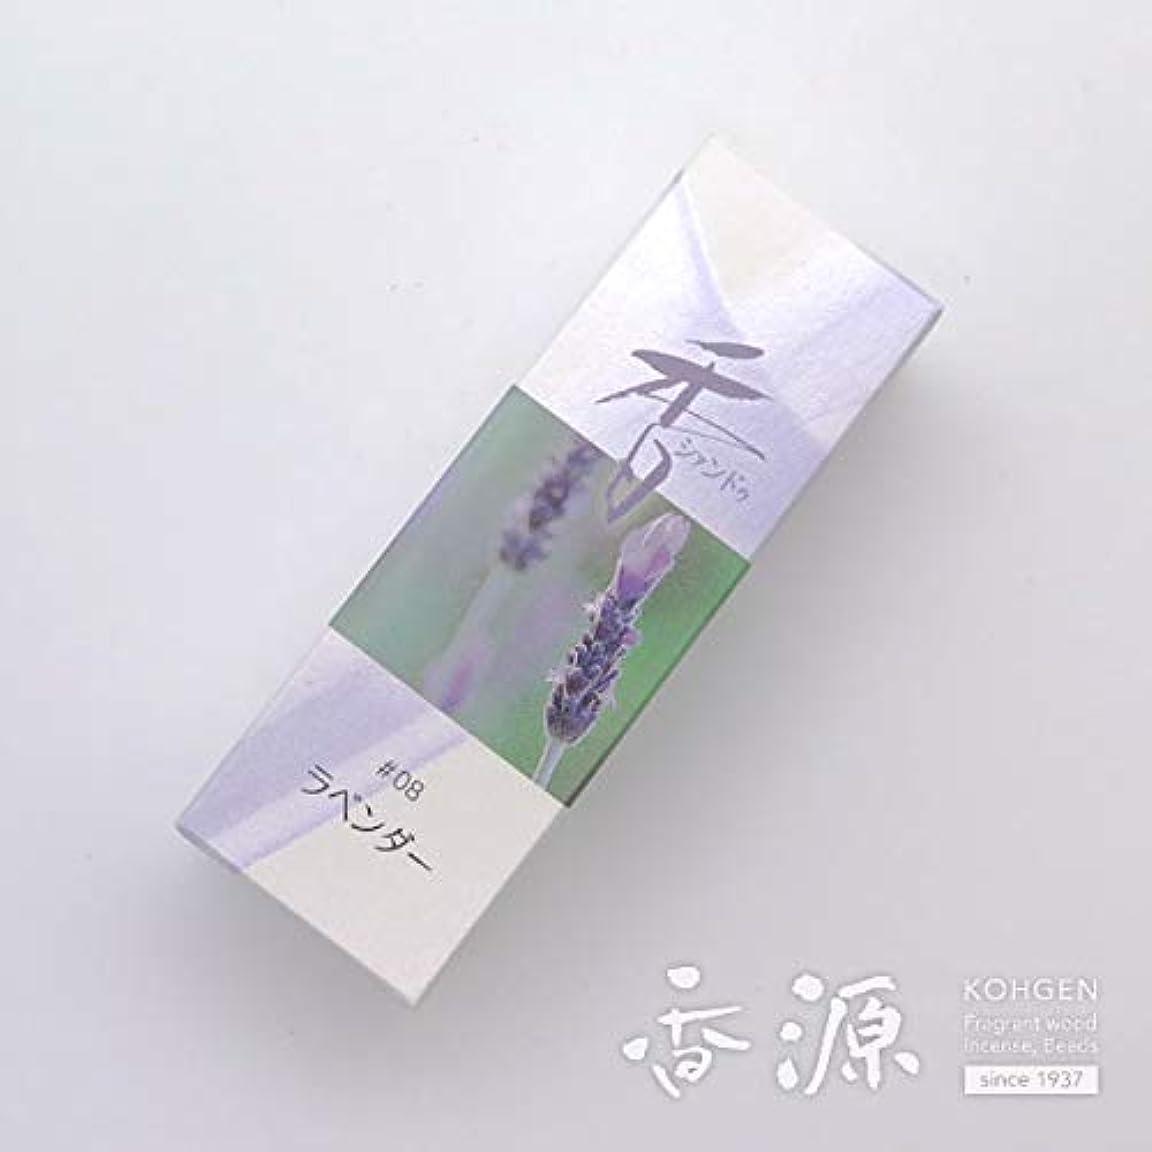 警告する投票間松栄堂のお香 Xiang Do ラベンダー ST20本入 簡易香立付 #214208